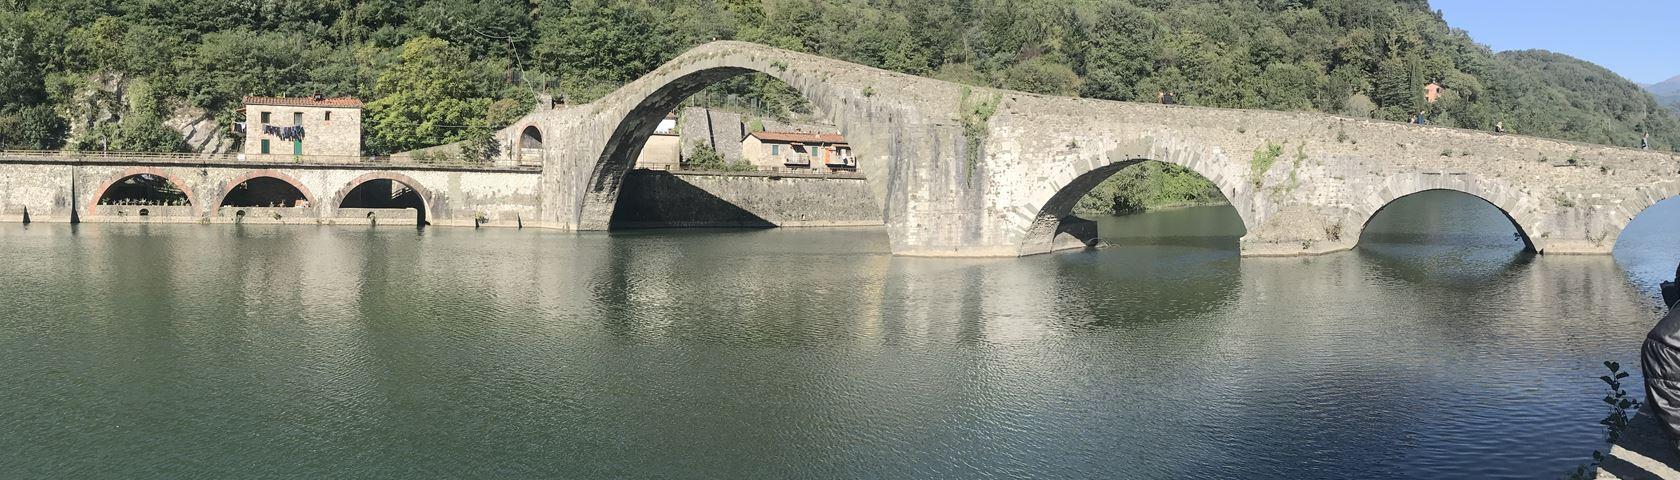 Bridge Over Serchio River, Tuscany